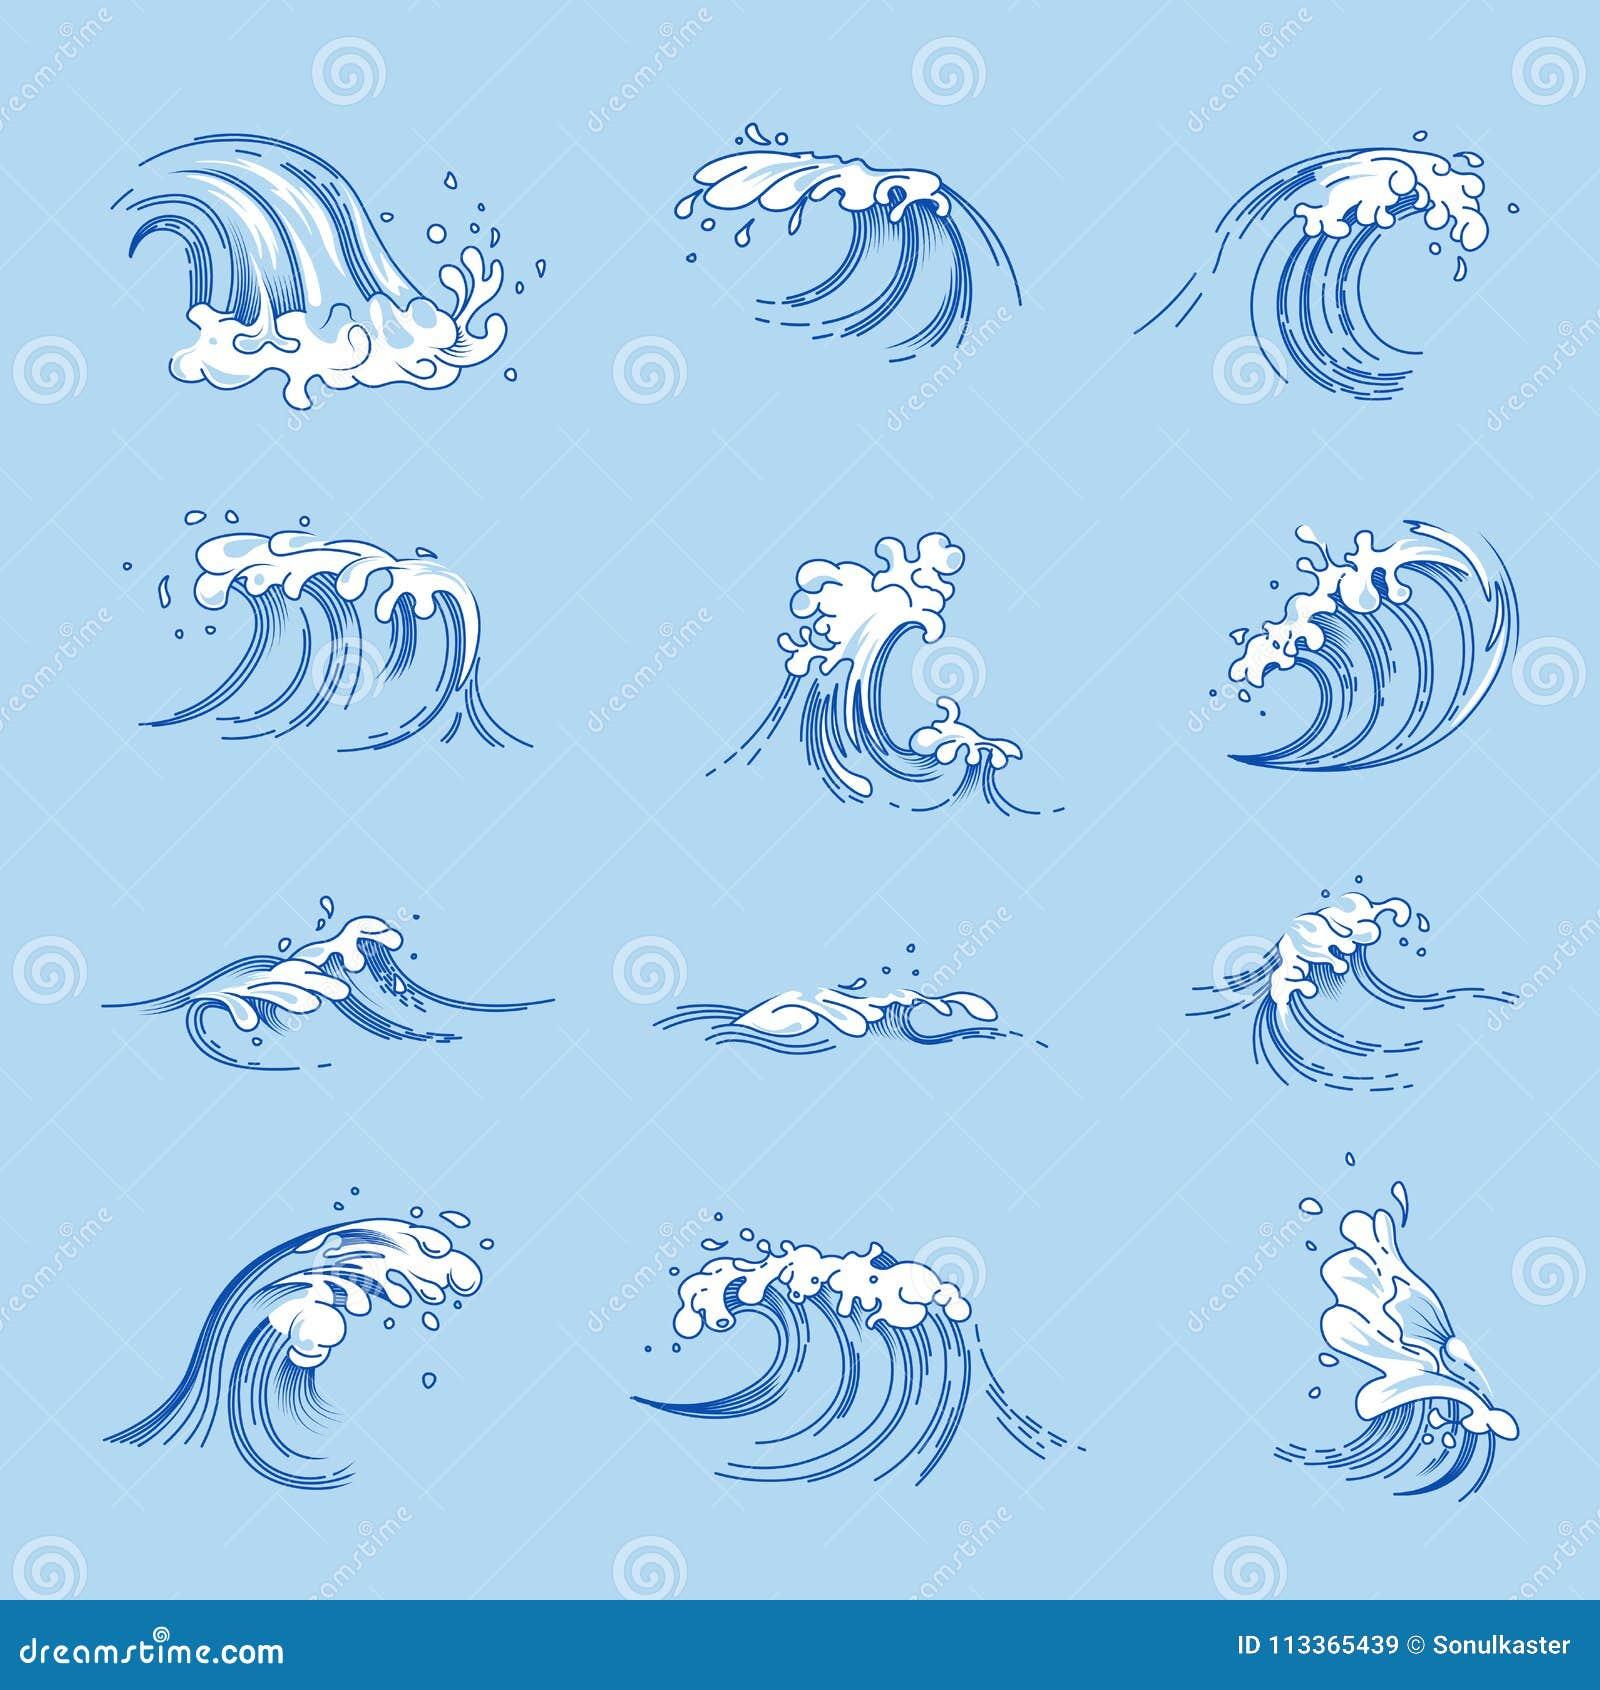 Διανυσματικά εικονίδια σκίτσων κυμάτων και παφλασμών ωκεανών ή θαλάσσιου νερού καθορισμένα